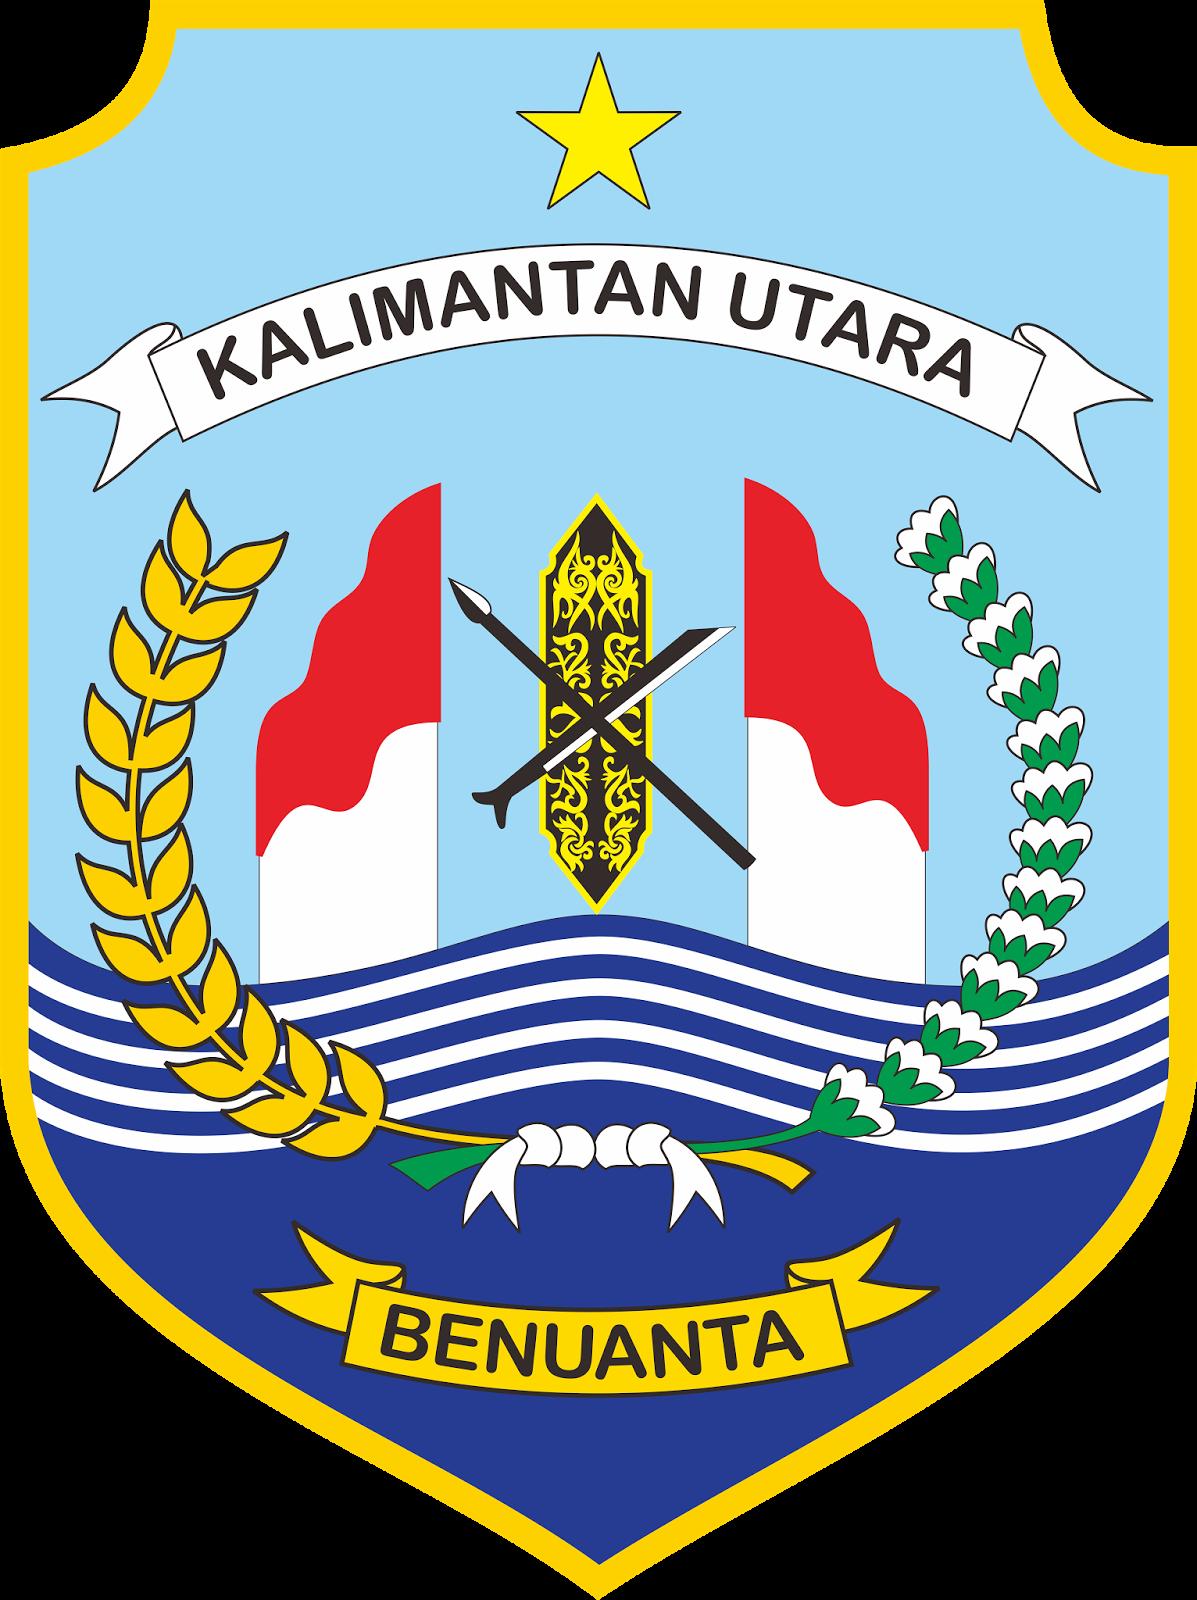 Logo Bhayangkari Vector : bhayangkari, vector, Provinsi, Kalimantan, Utara, Vector, CorelDraw, Download, Gratis, Mudah